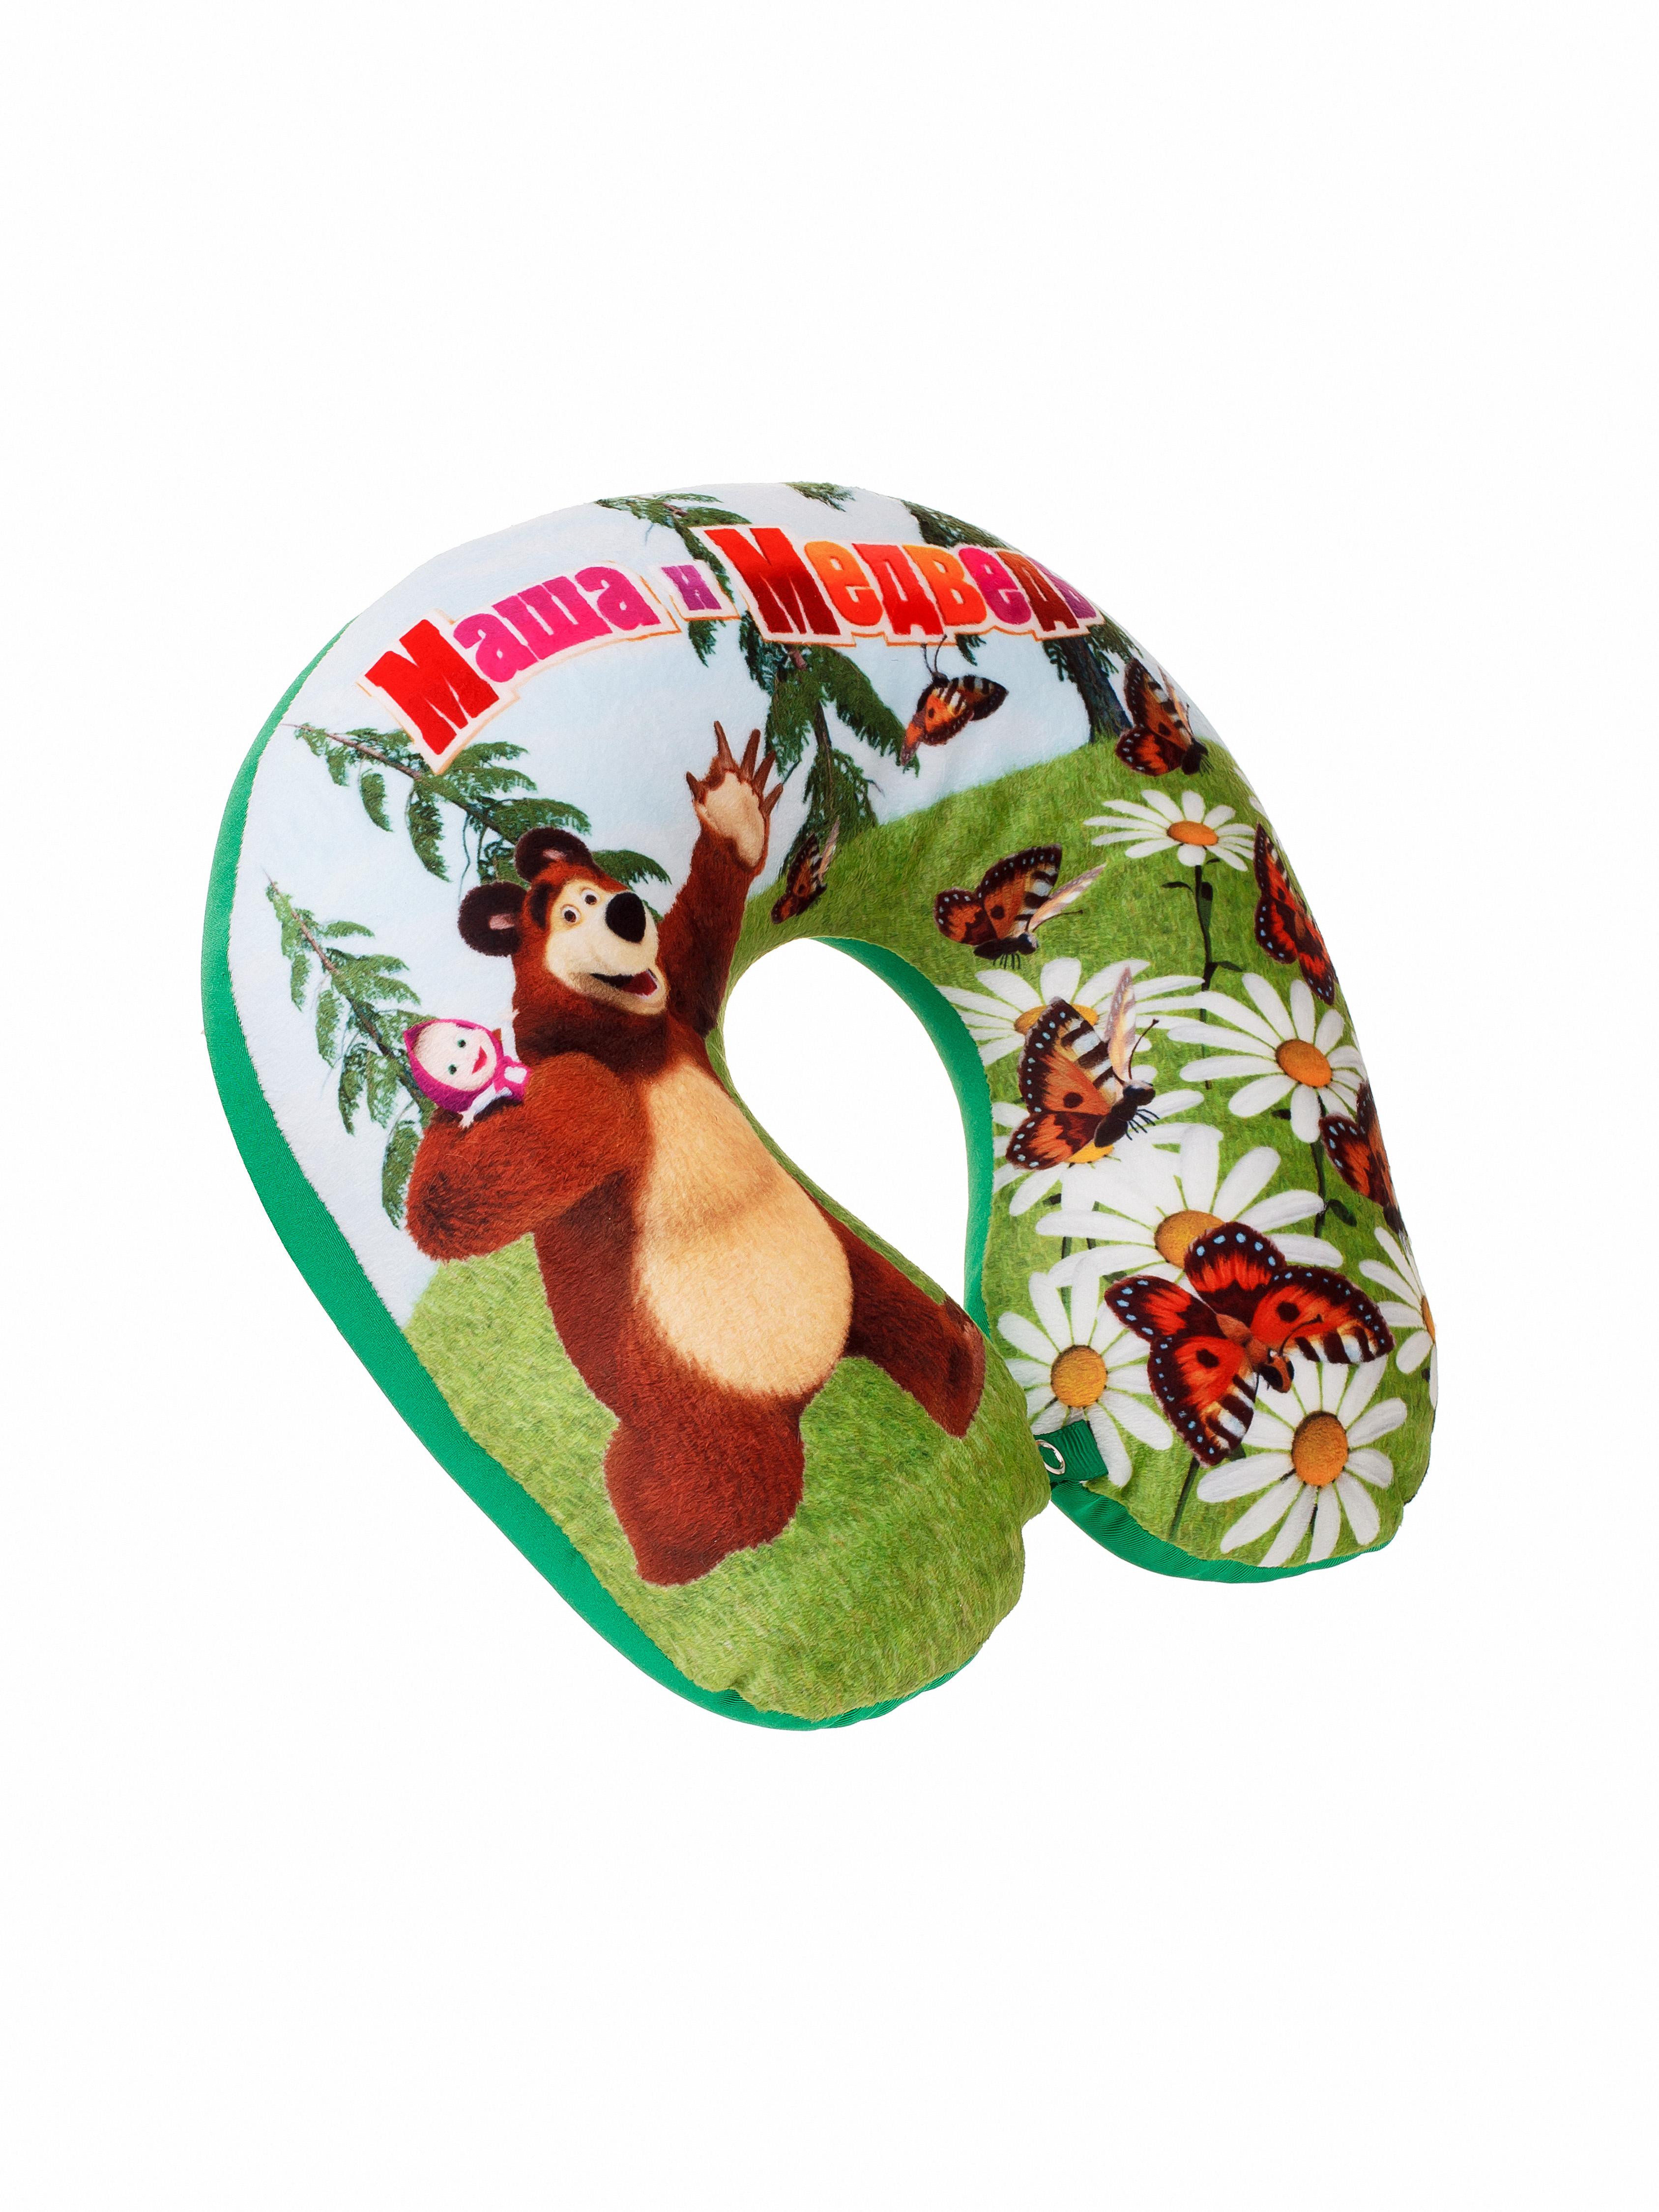 Мягкая игрушка СмолТойс Игрушка-подушка Наплечник Маша и Медведь В29 зеленый